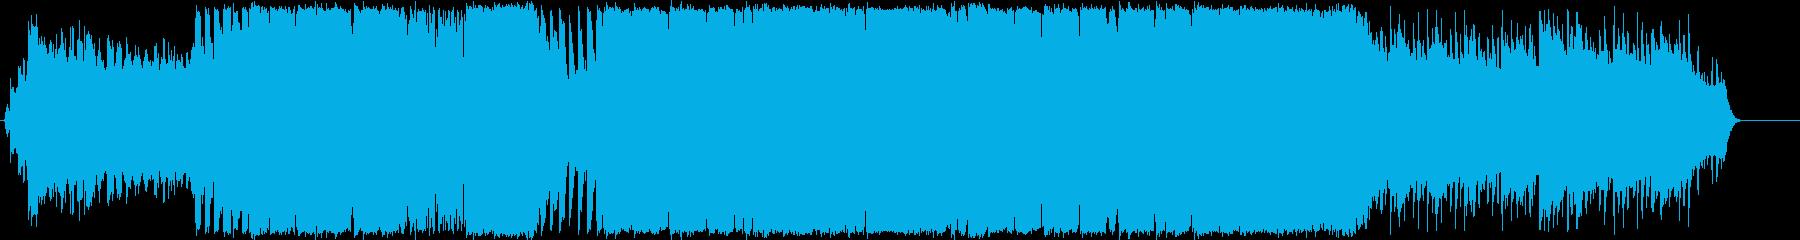 ハッピーバースデー、Houseアレンジの再生済みの波形